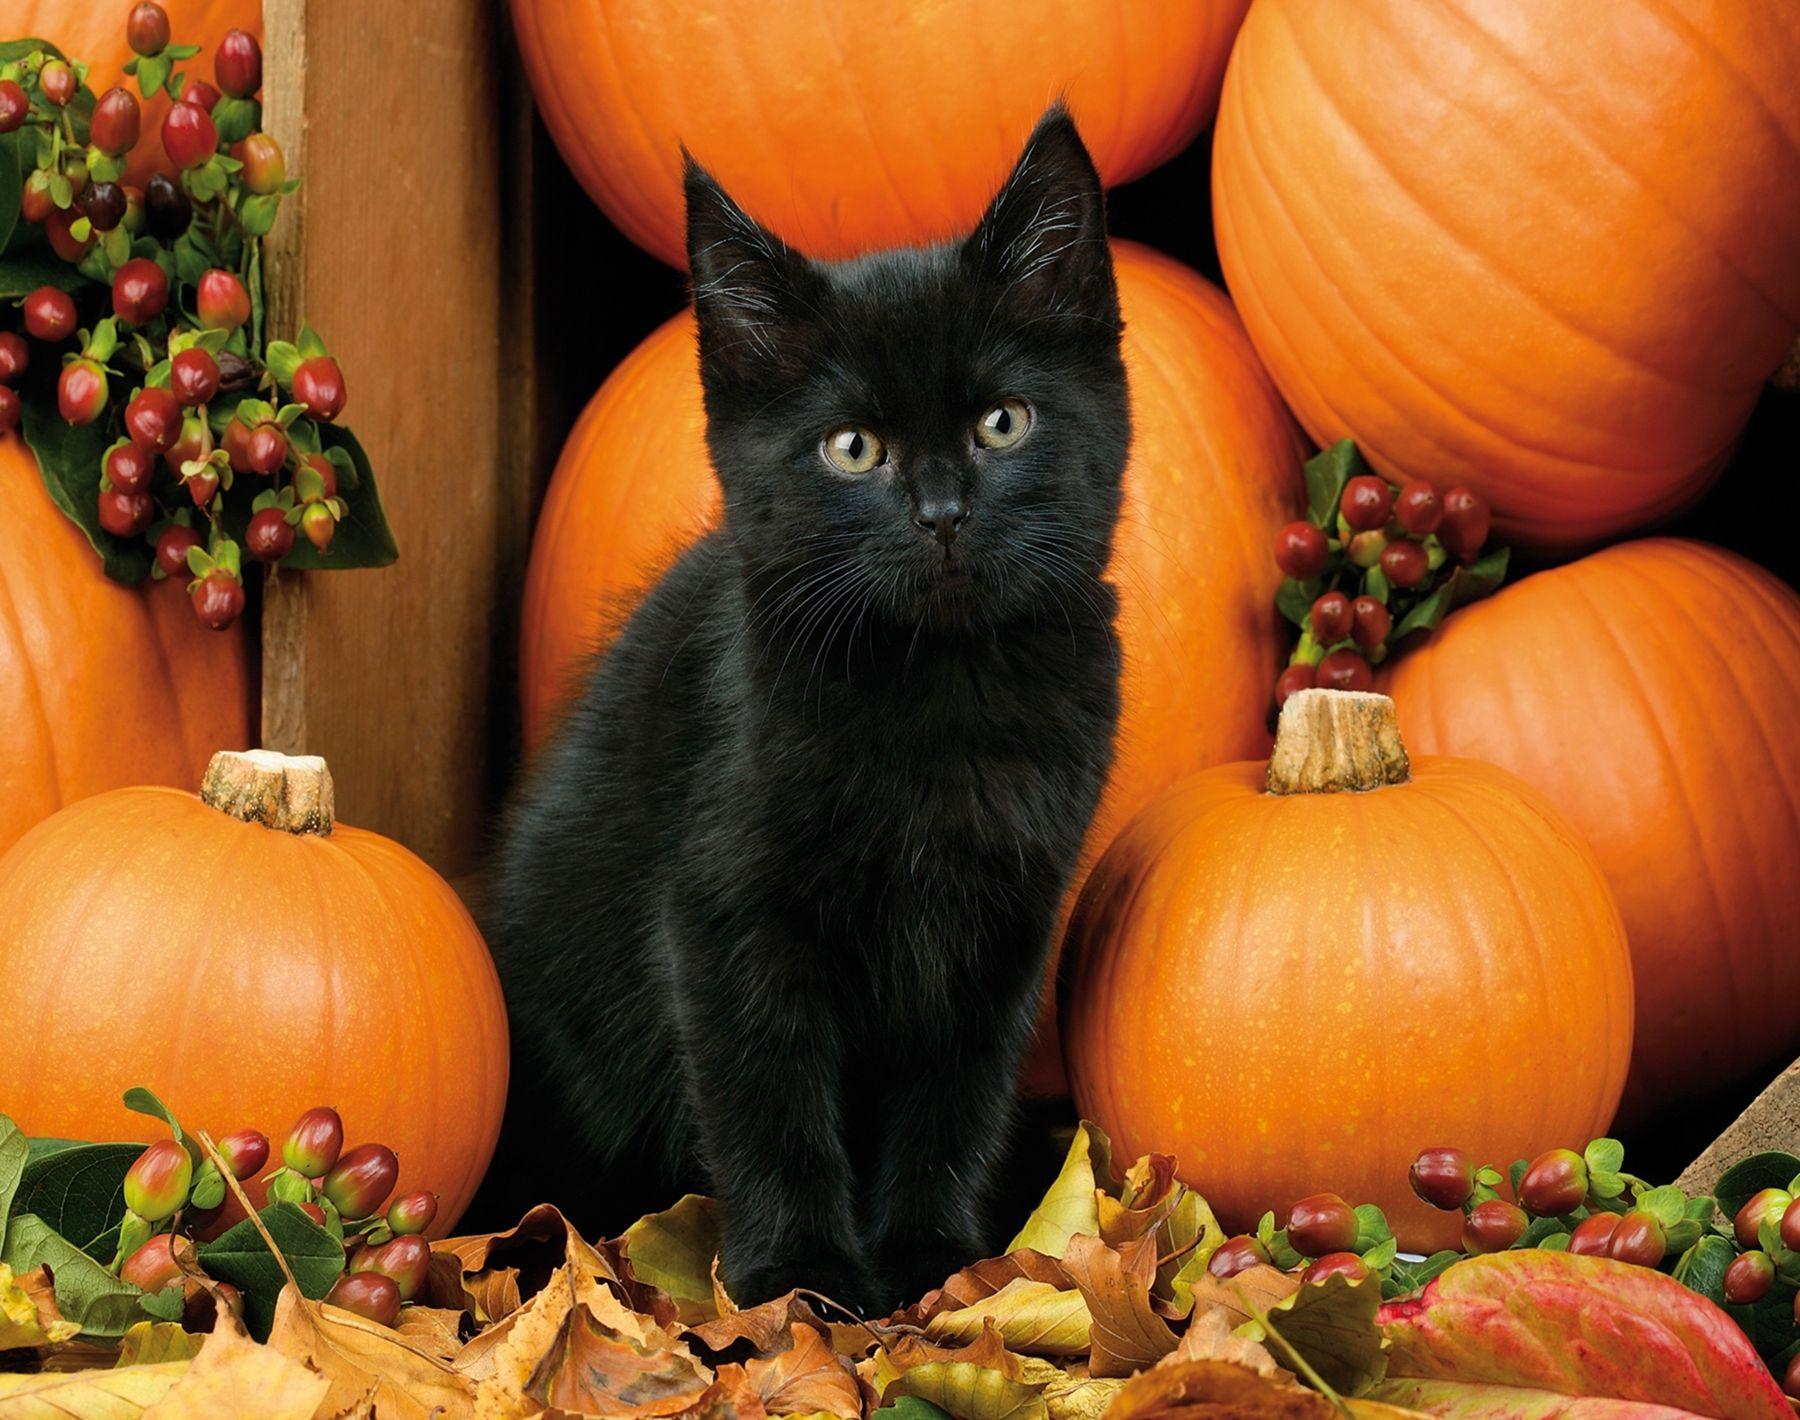 Fall Kitten Wallpaper Pin By Toni Weidman On Halloween Fun Cat Wallpaper Cats